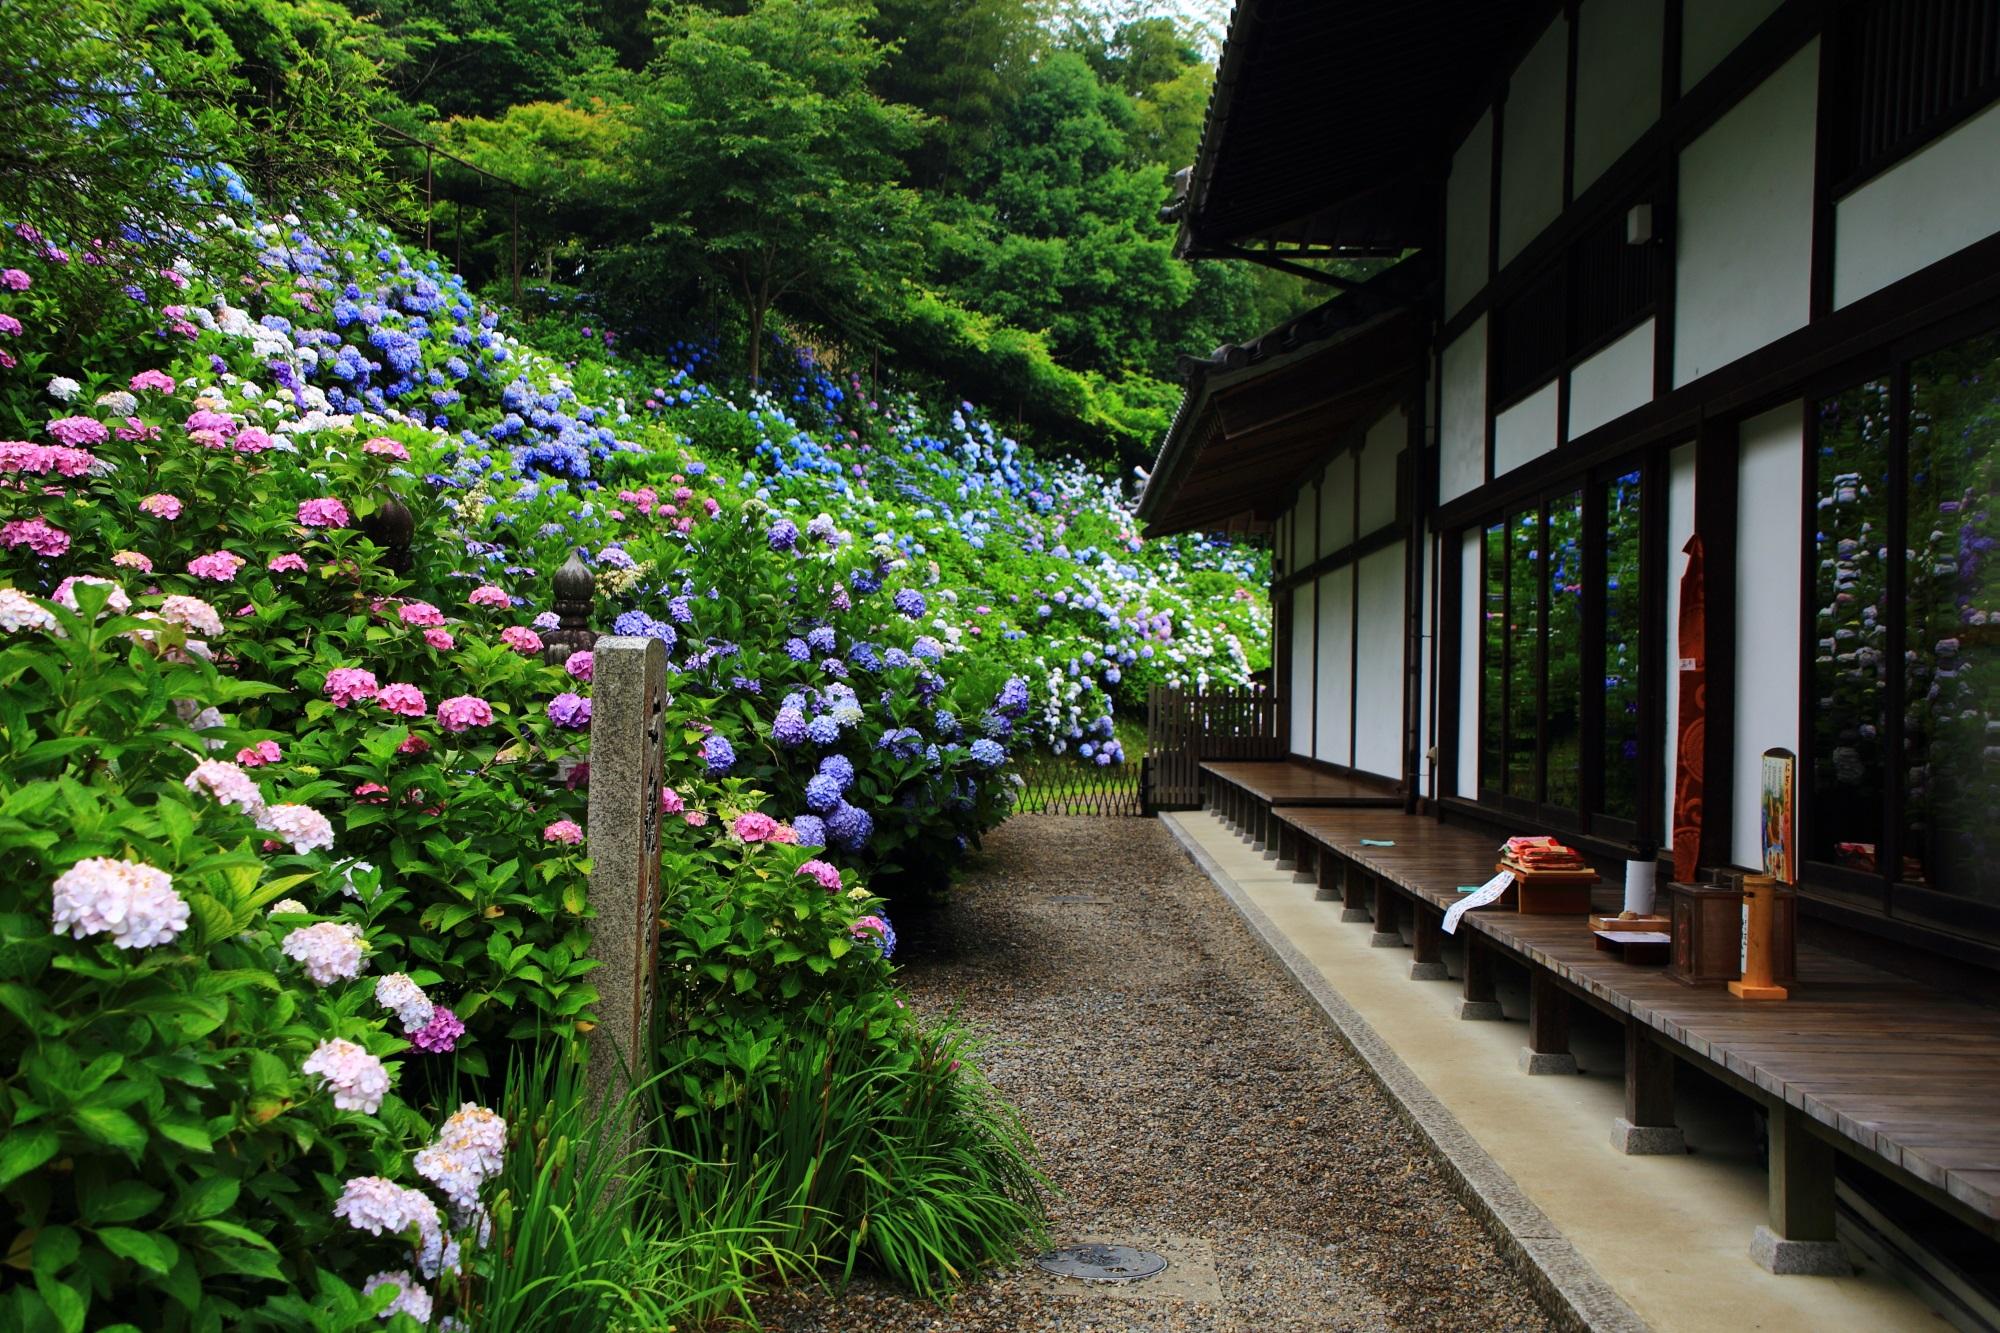 丹波あじさい寺の絵になる静かな紫陽花の風景